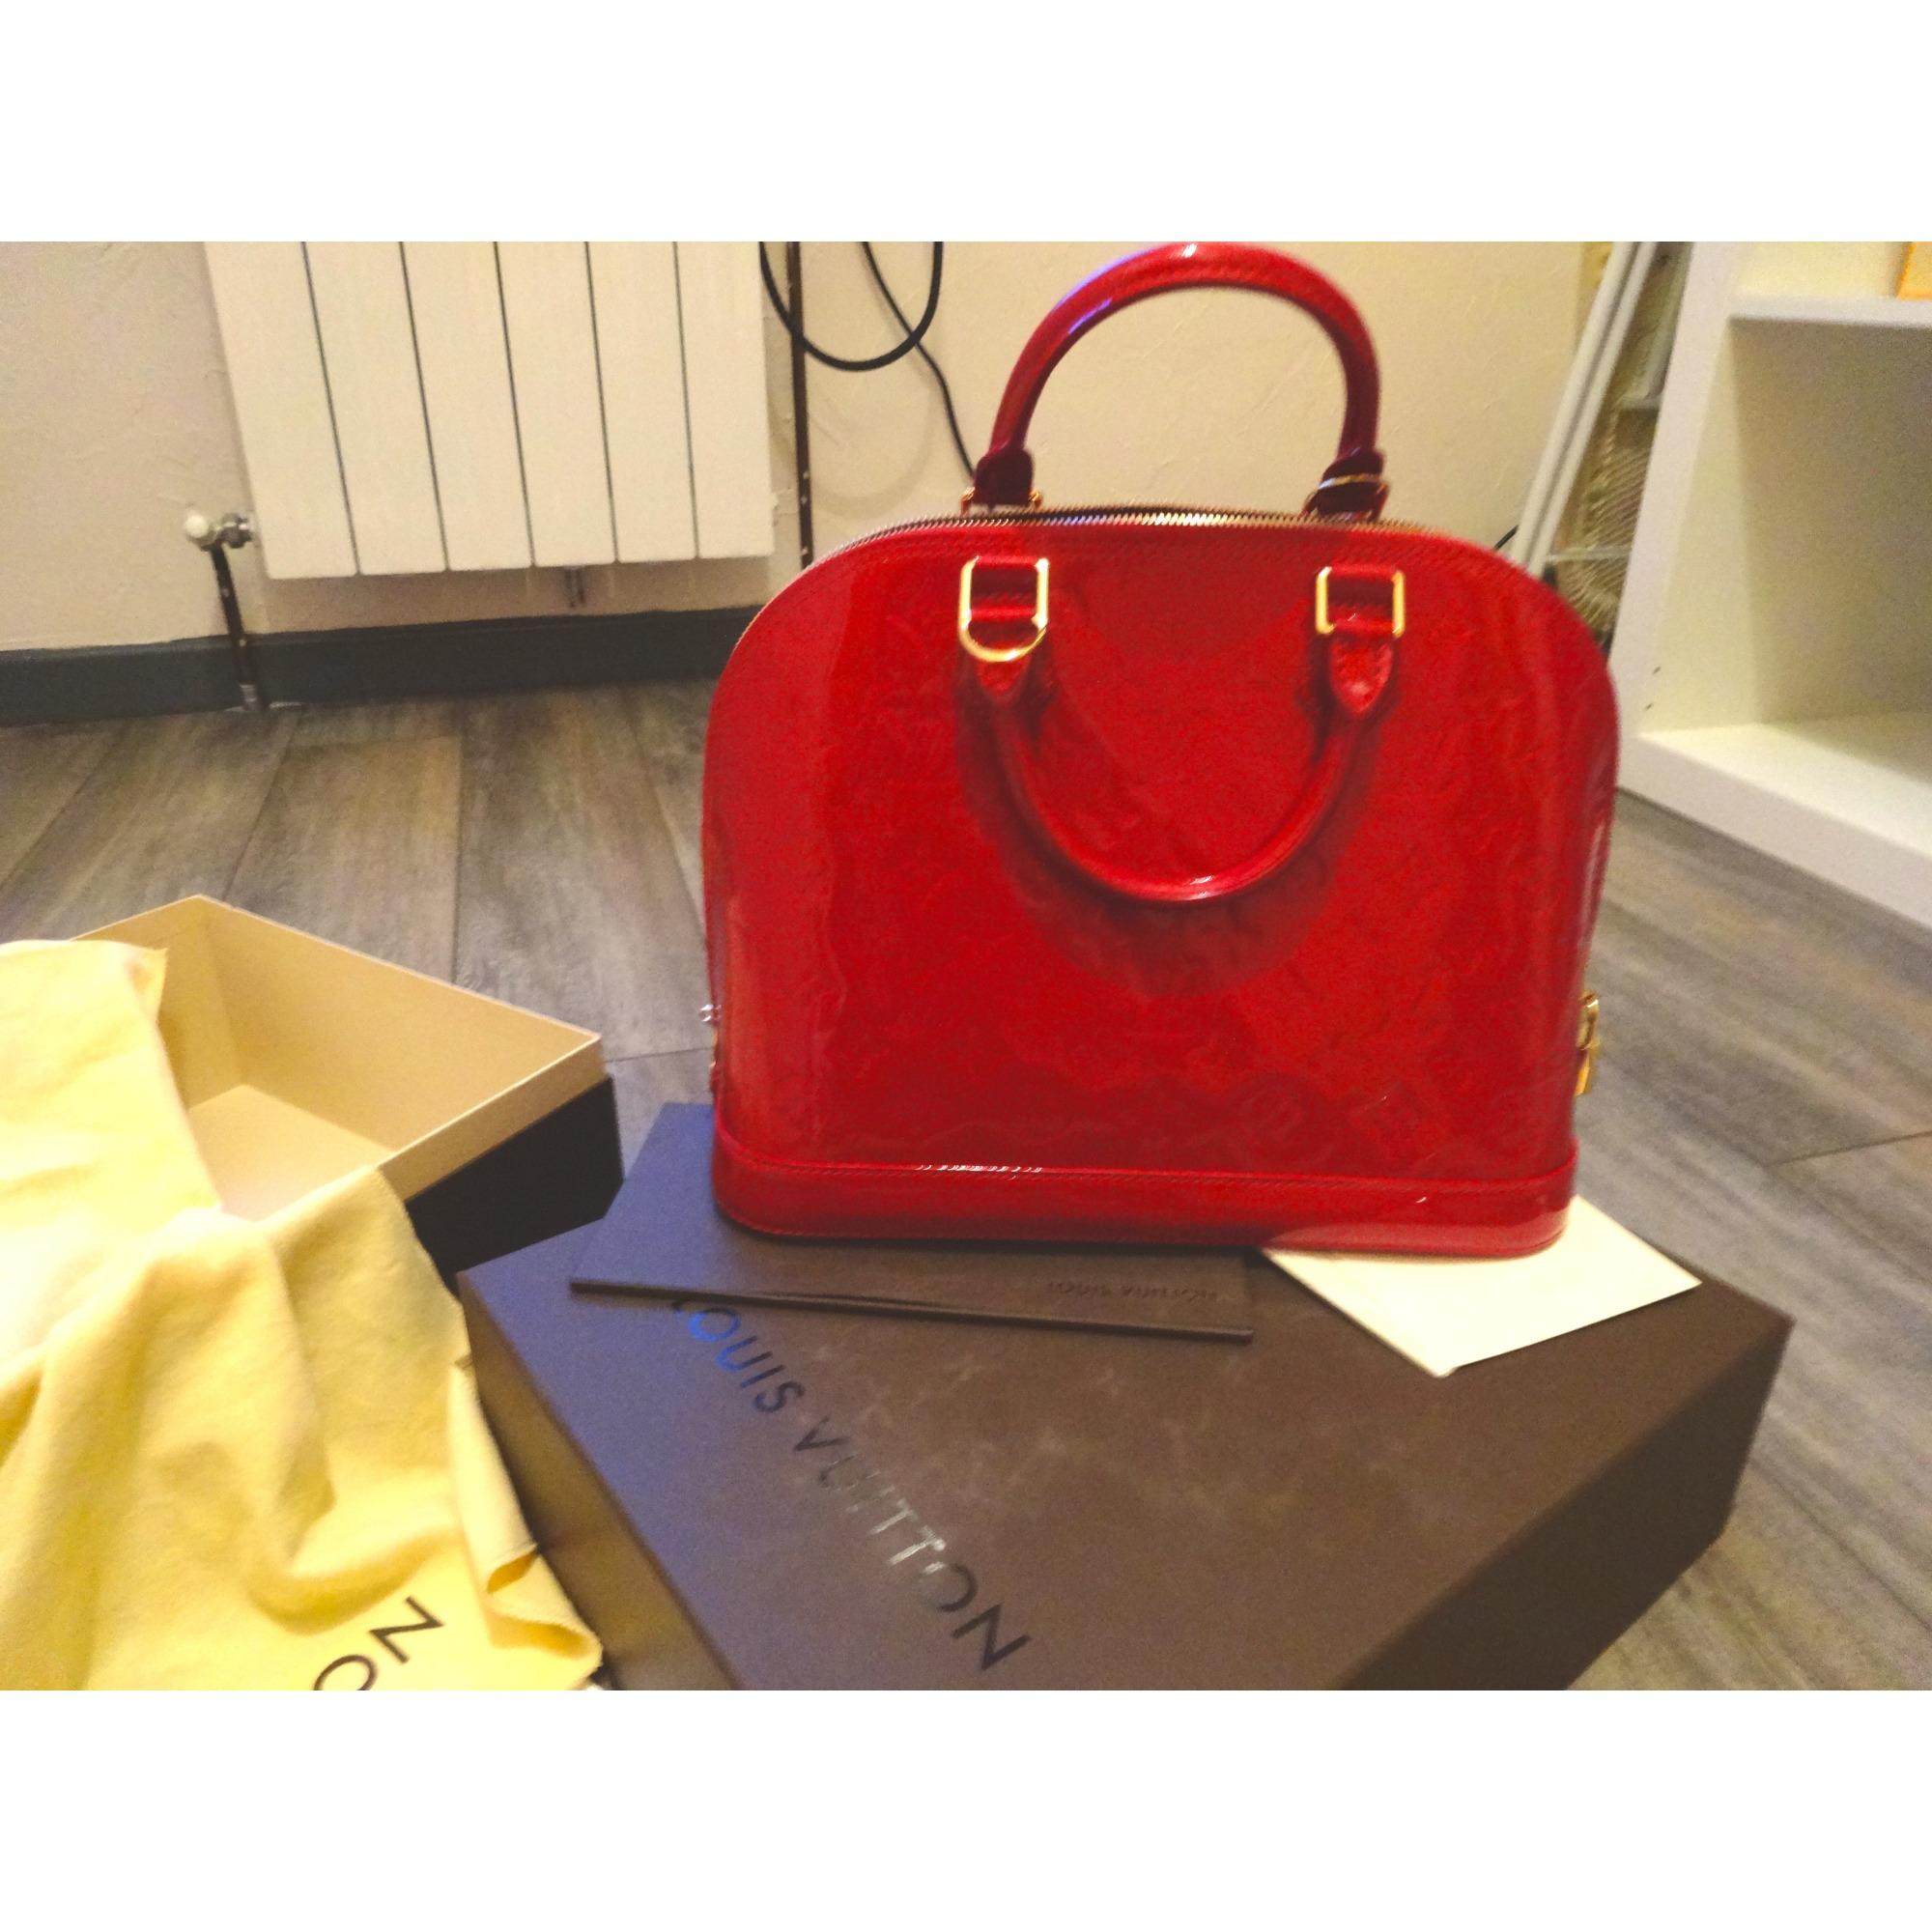 7c22ccb5aa59 Sac à main en cuir LOUIS VUITTON rouge vendu par Jennifer 254142774 ...